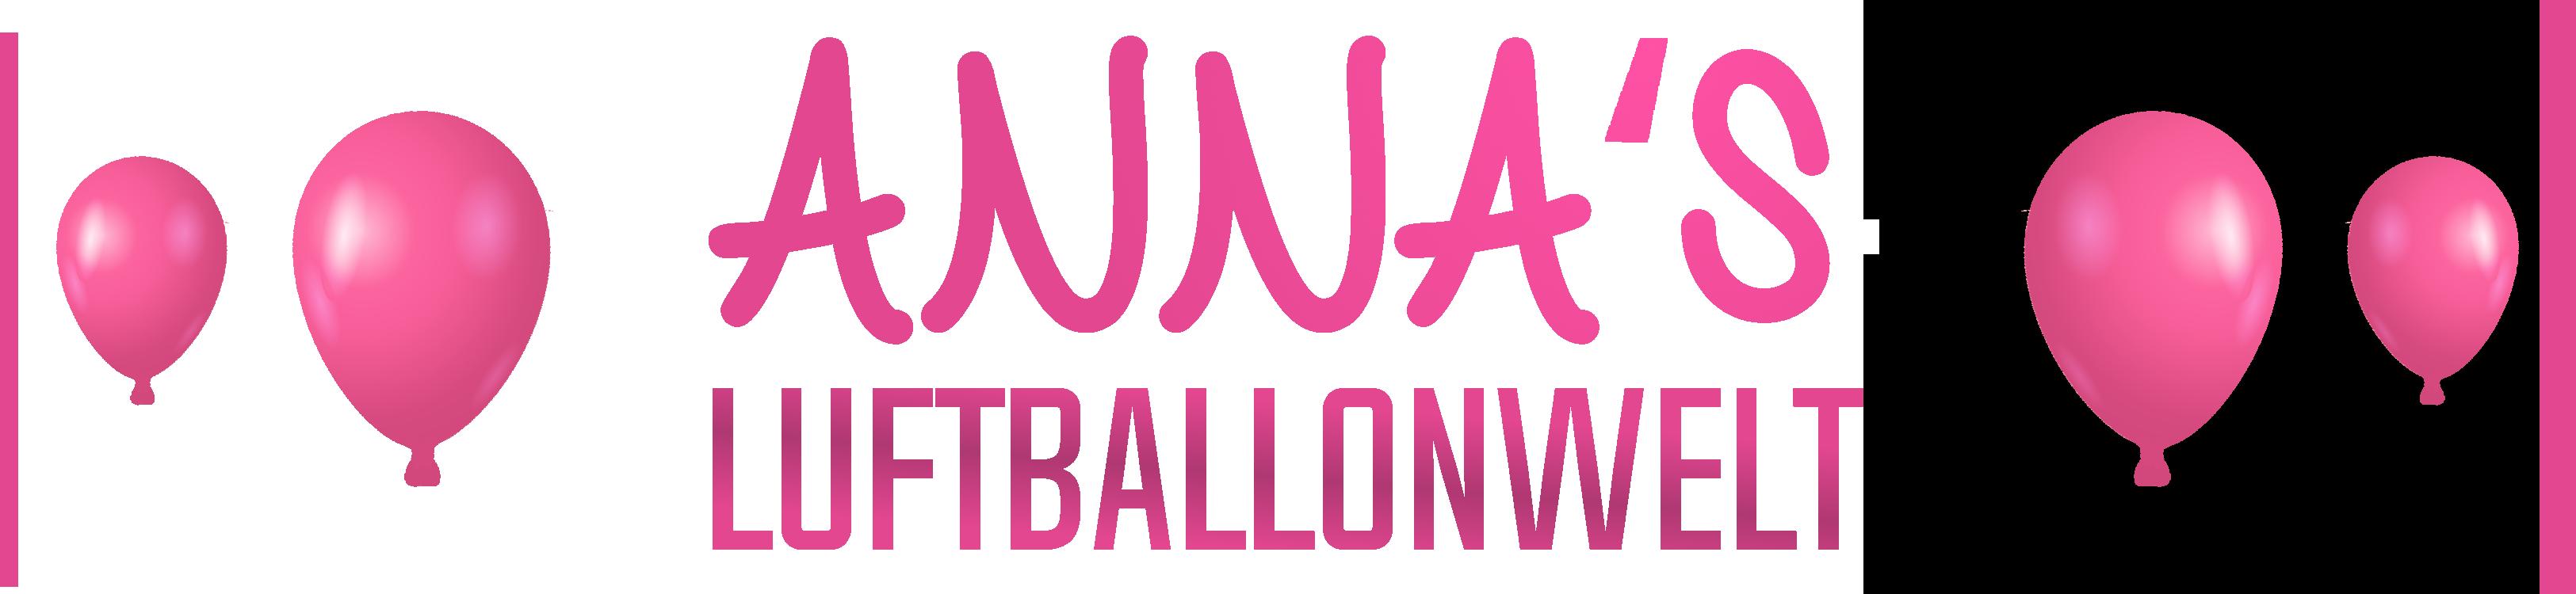 Anna's Luftballonwelt